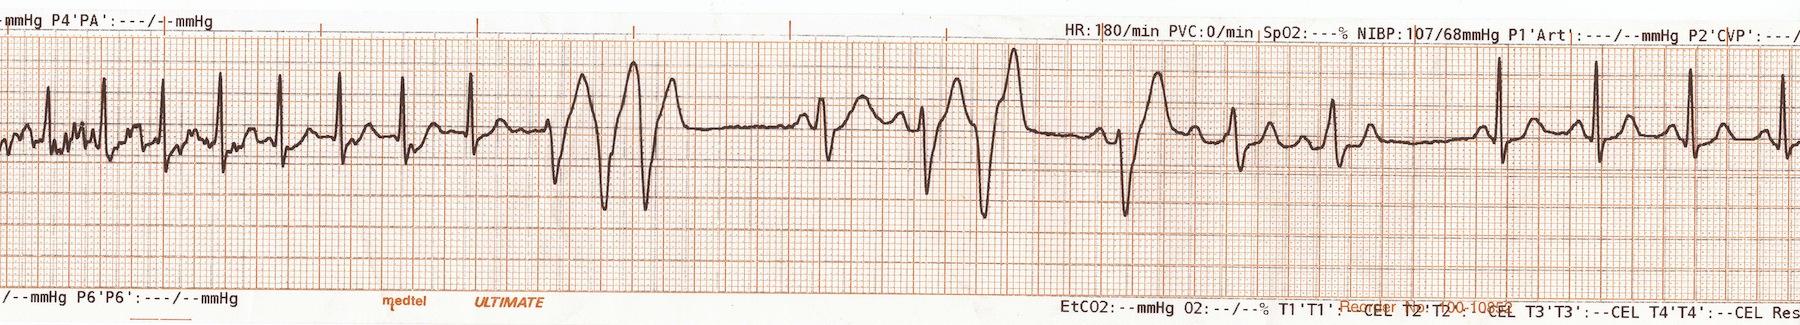 Bolus adenozinden sonra sinüs ritmine dönen AVNRT Kaynak: lifeinthefastlane.com - ECG library